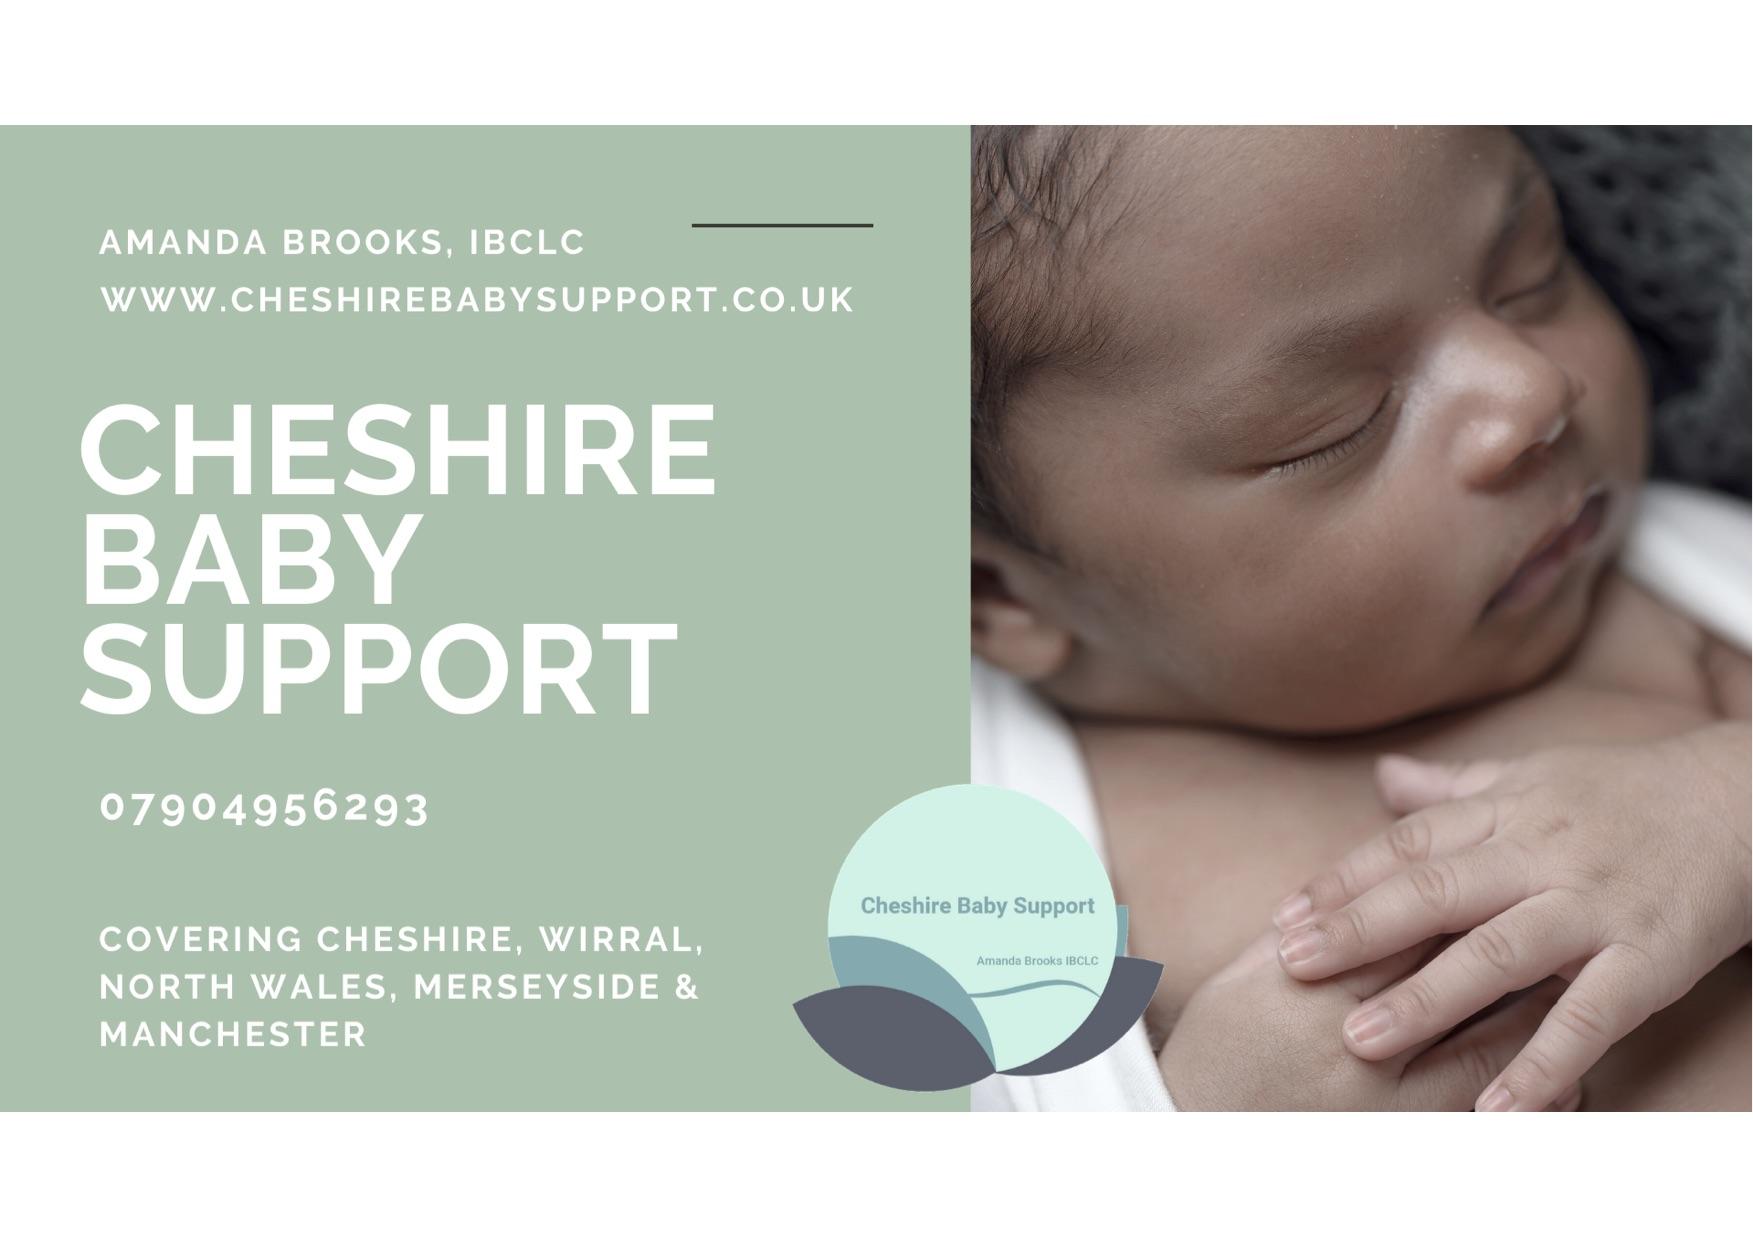 Cheshire-Baby-Support-pdf amnda brooks